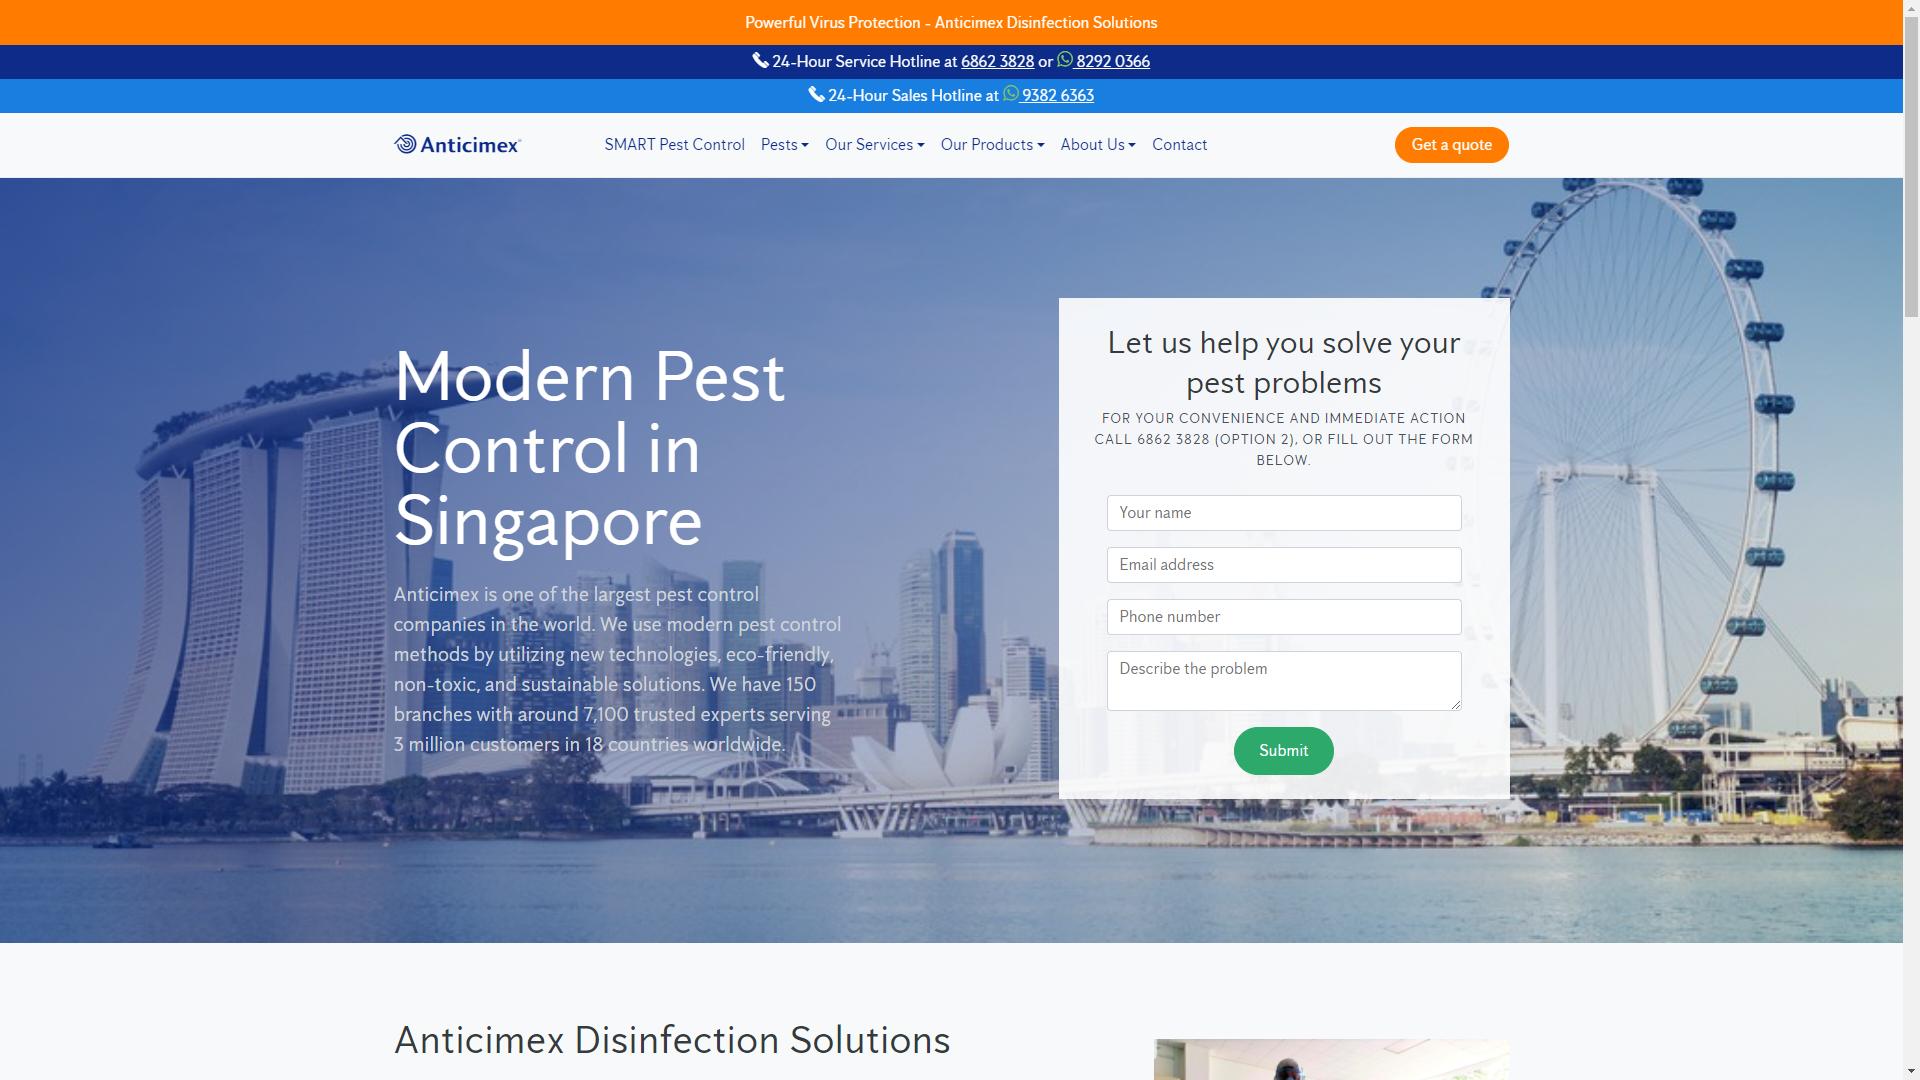 Anticimex Singapore pest control companies in Singapore